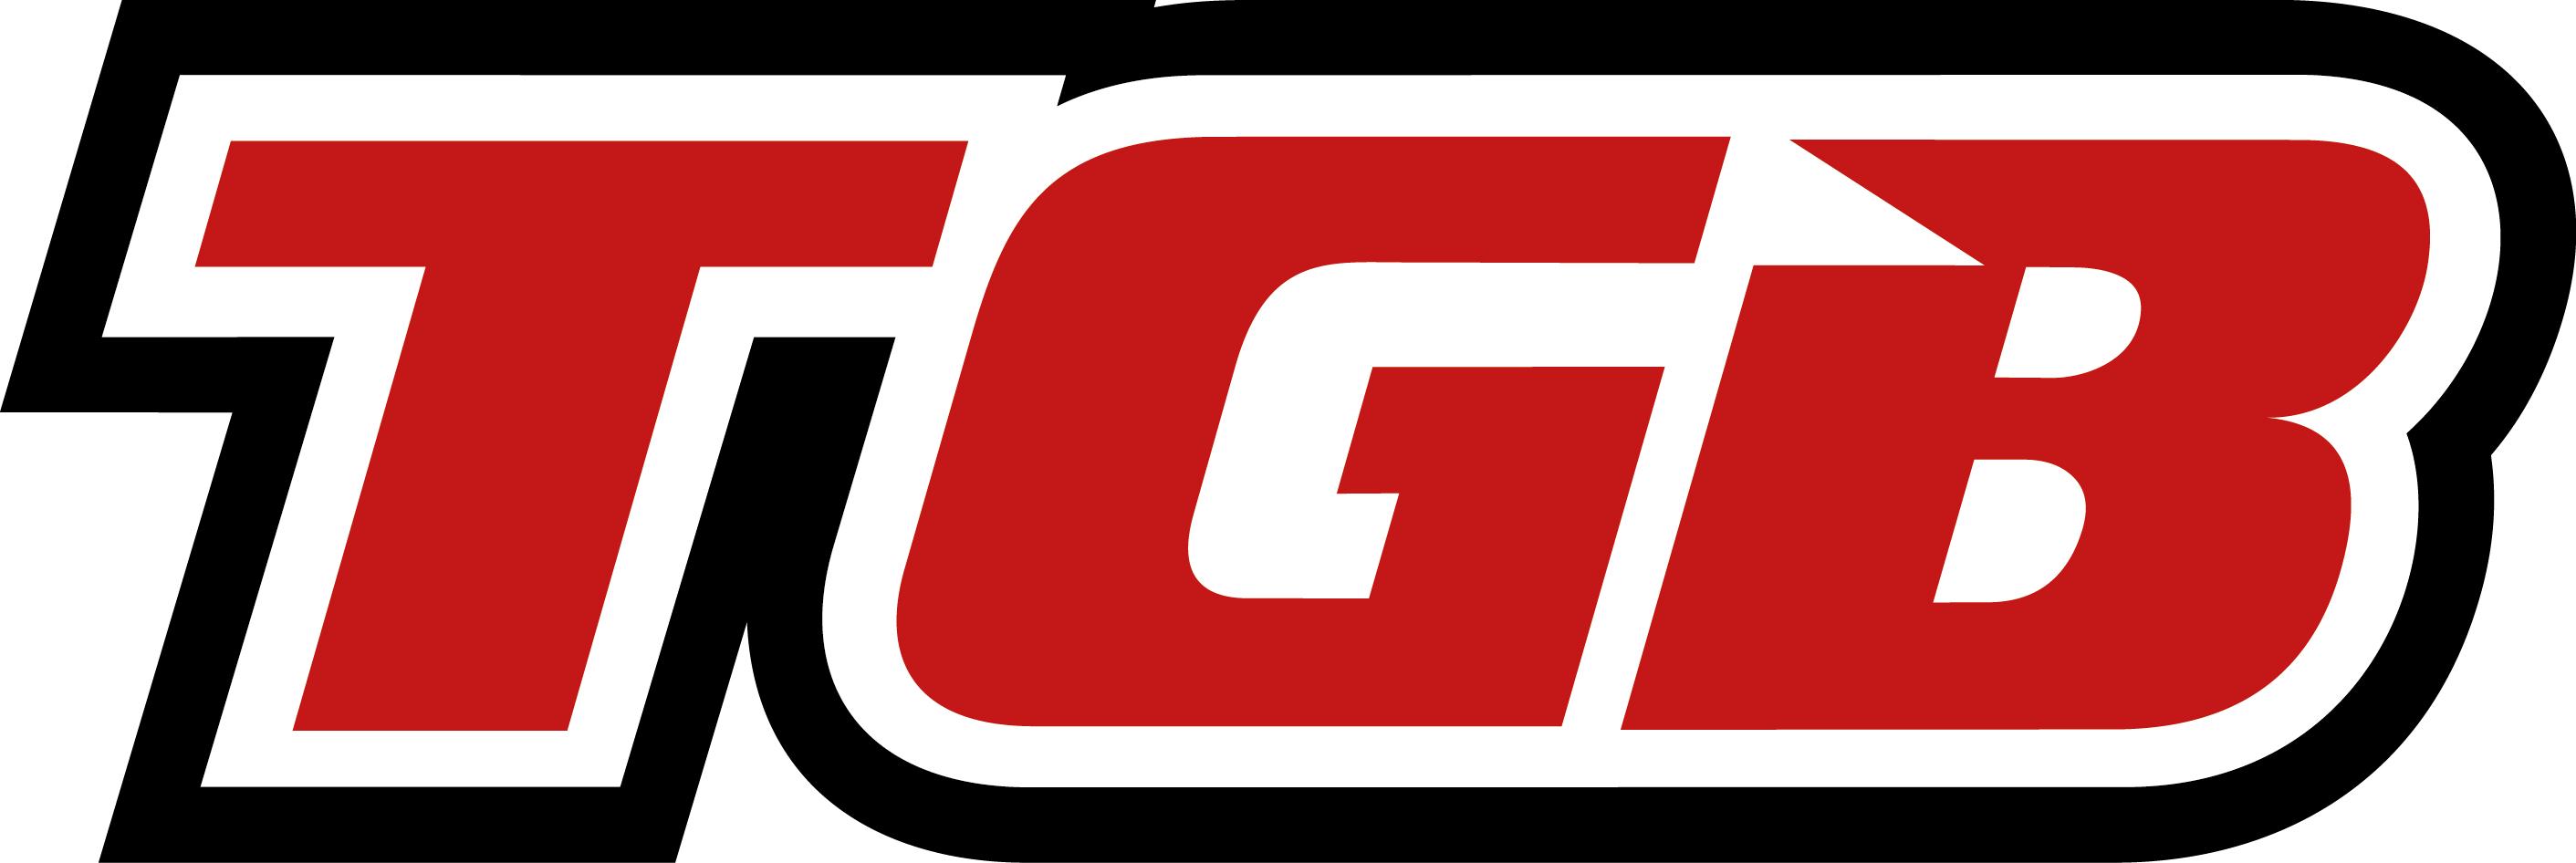 Výsledek obrázku pro logo tgb